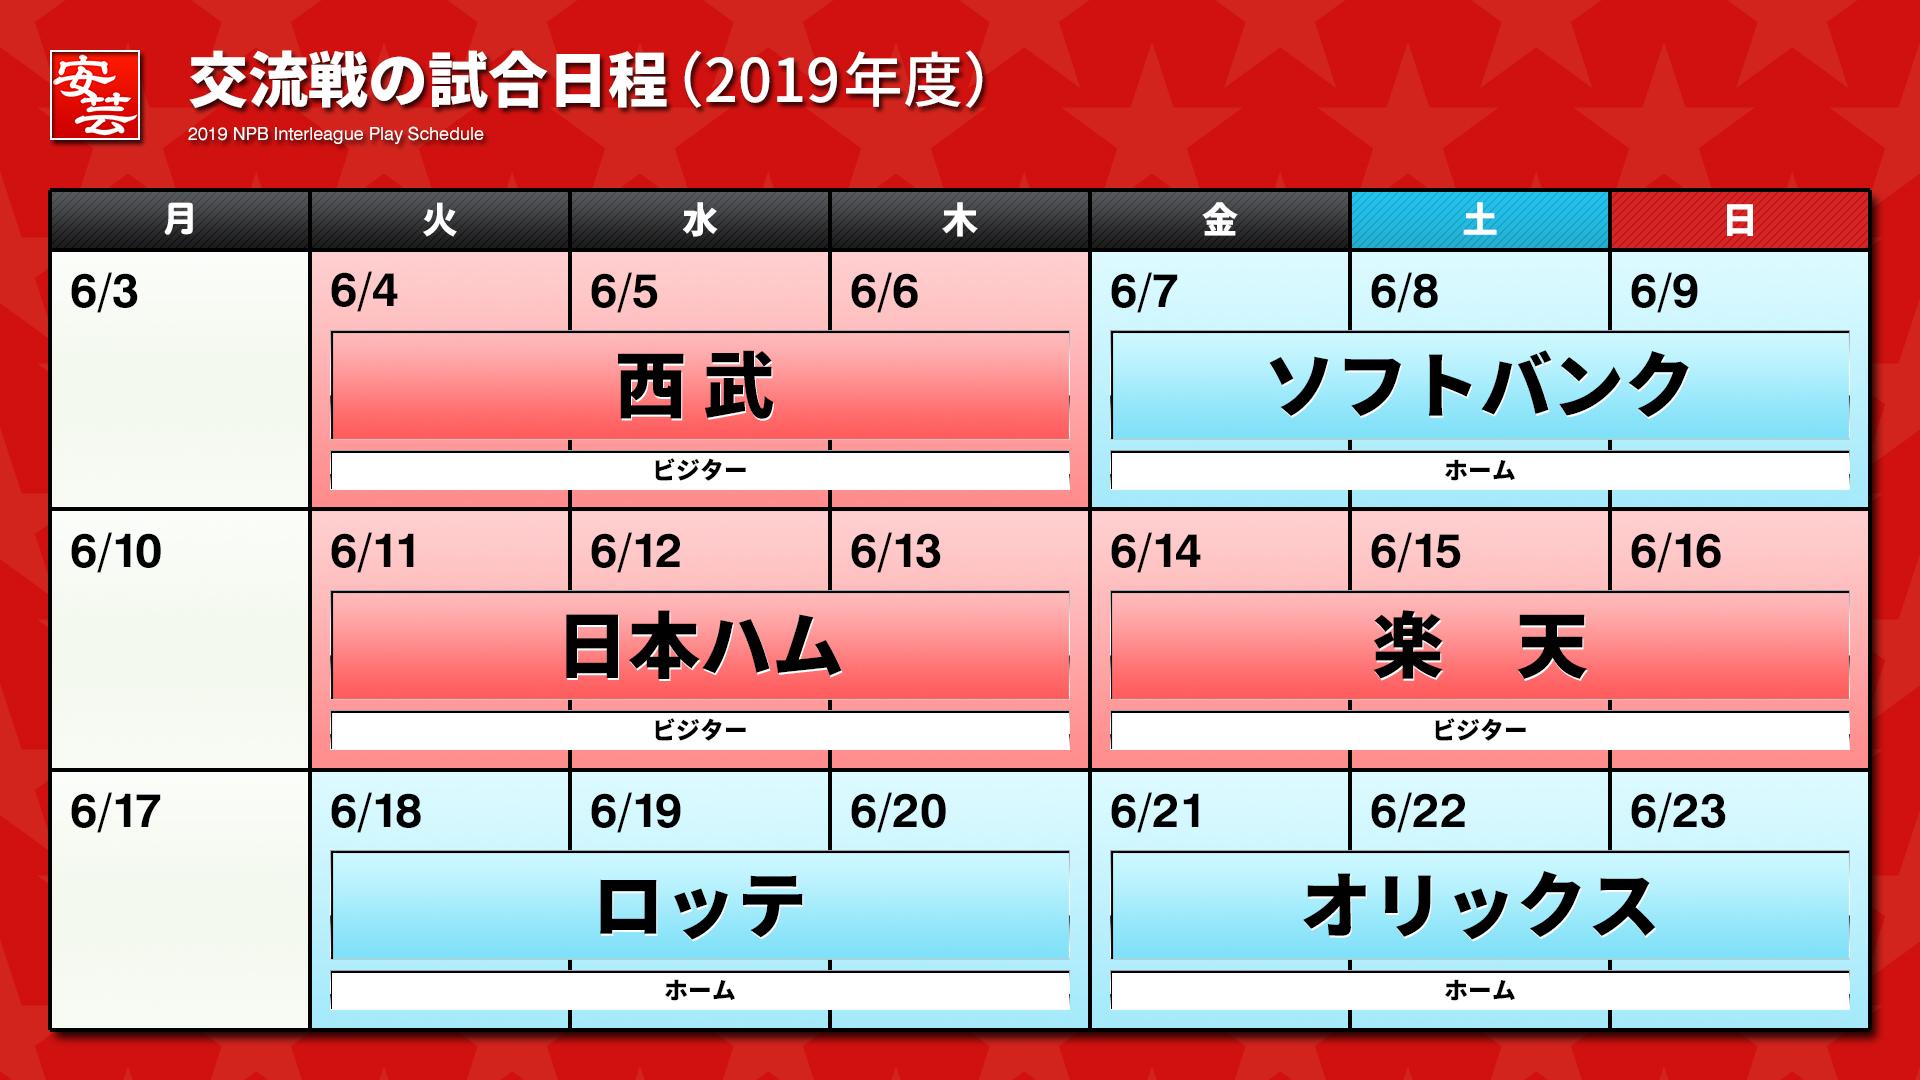 2019年度のセ・パ交流戦試合日程が発表/広島のビジター戦は ...